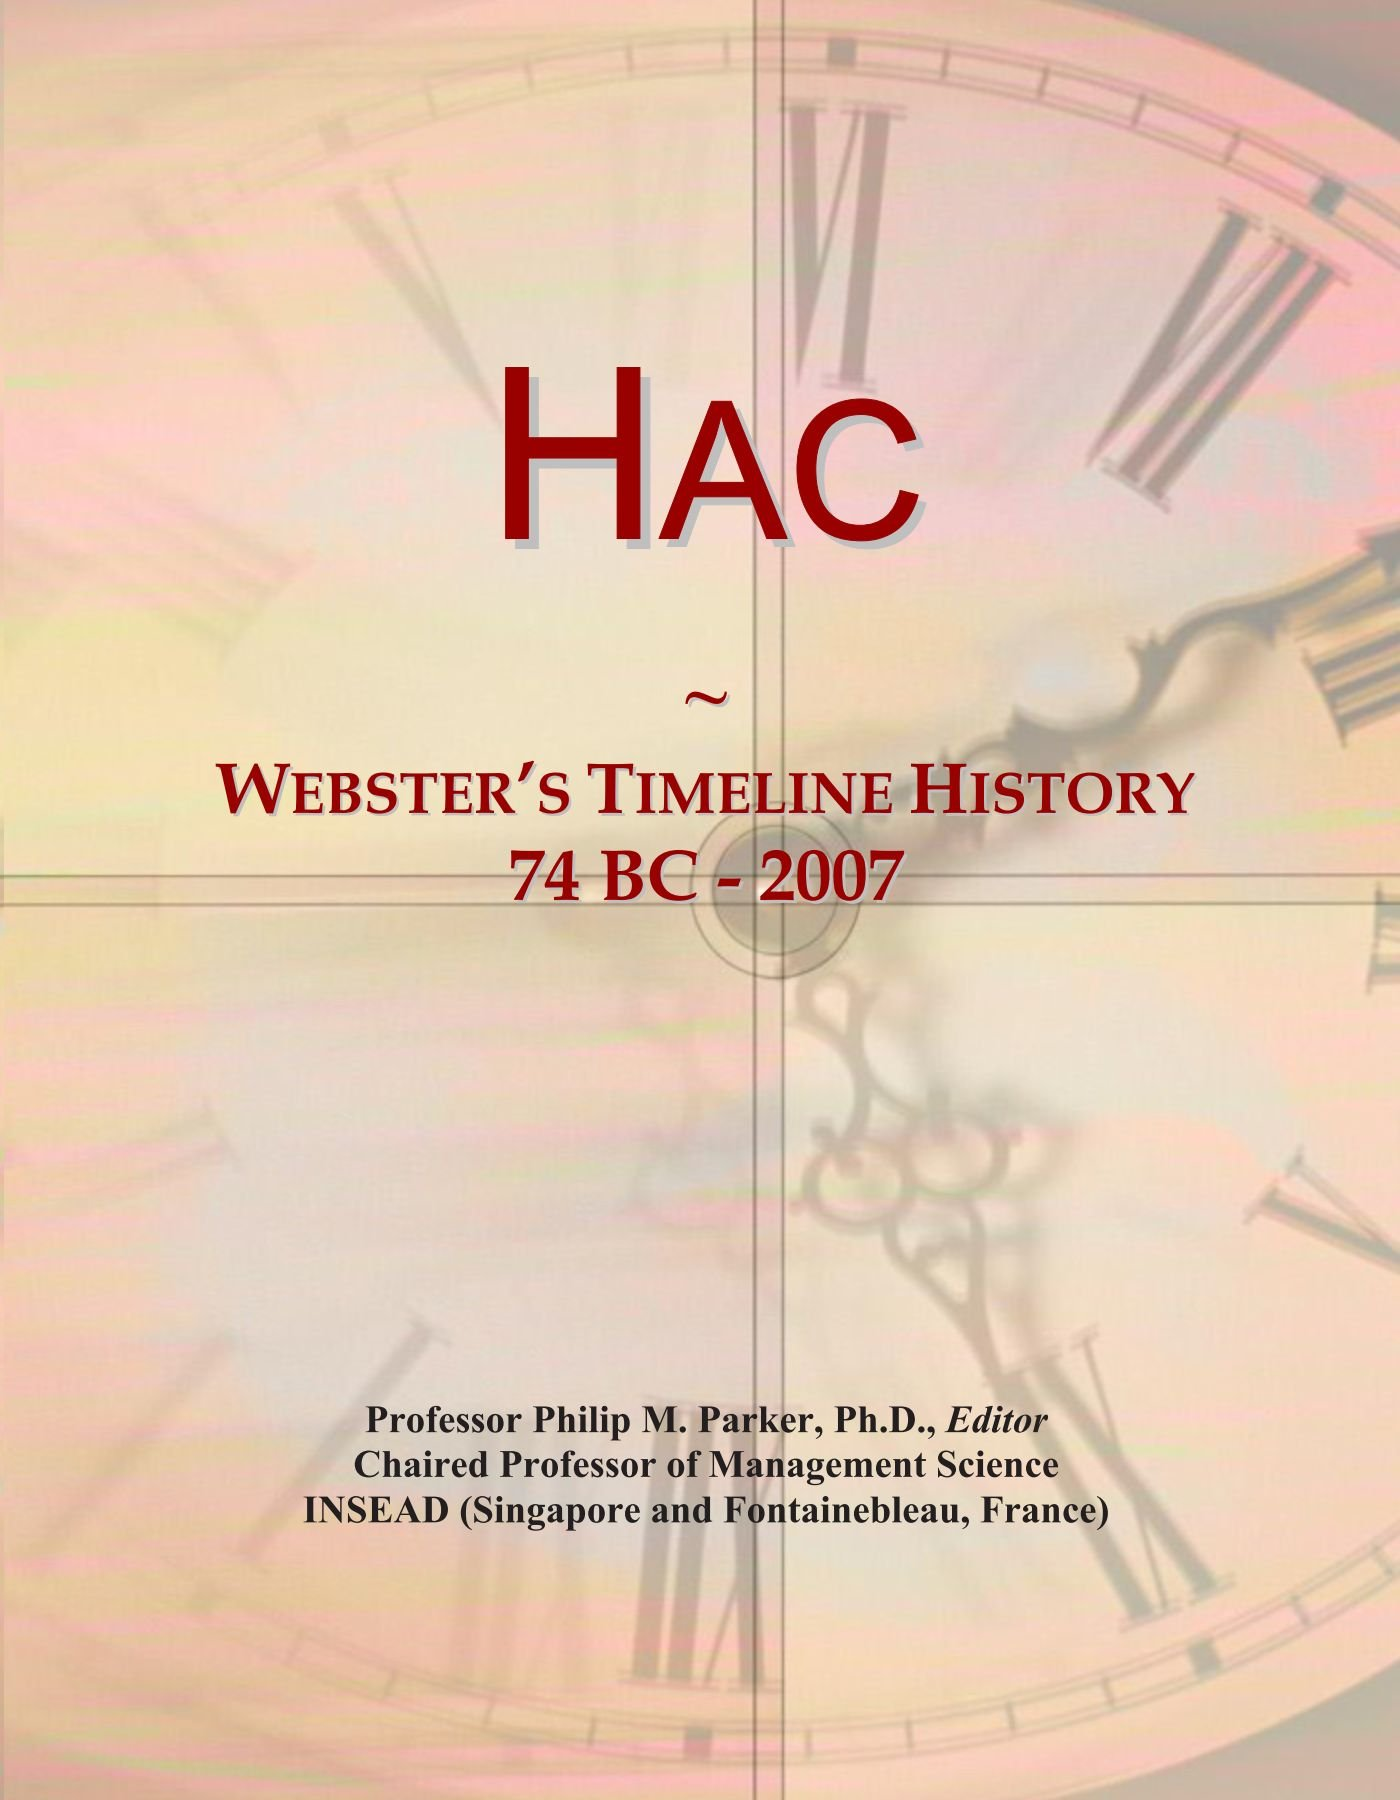 Hac: Webster's Timeline History, 74 BC - 2007 pdf